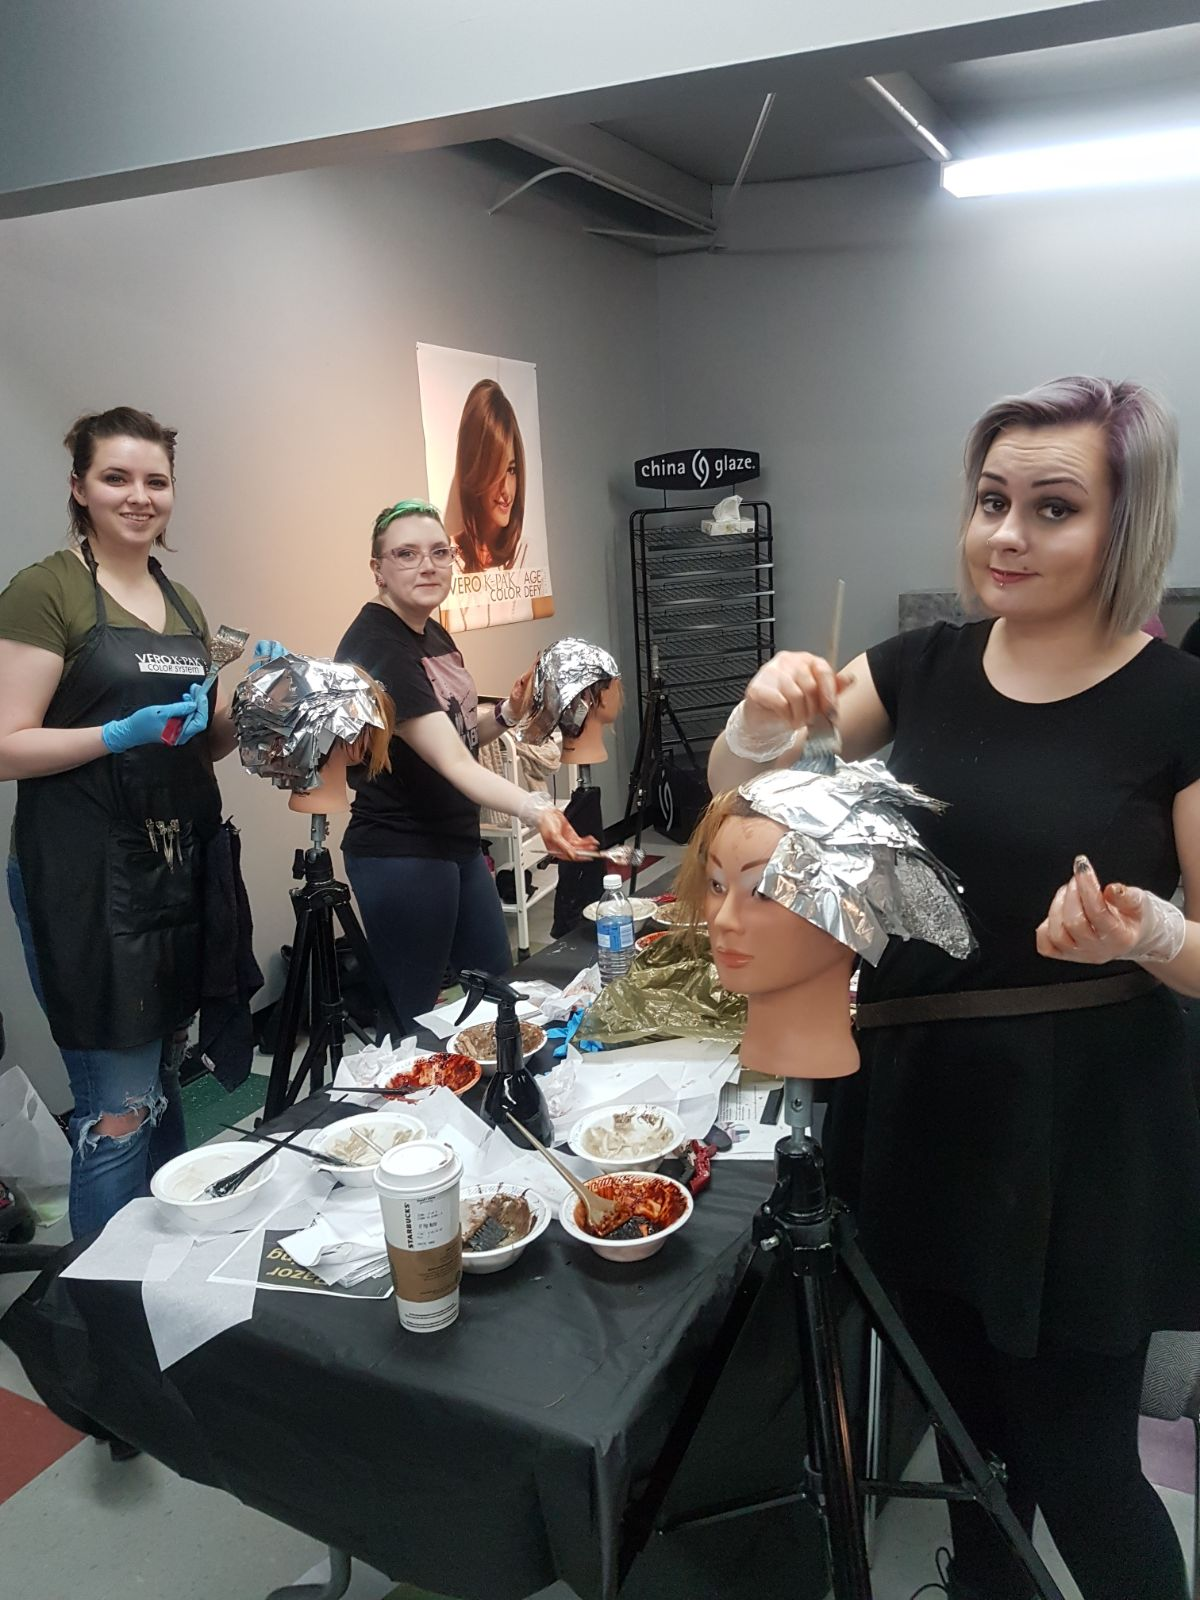 Hair coloring team at hairstyle inn saskatoon